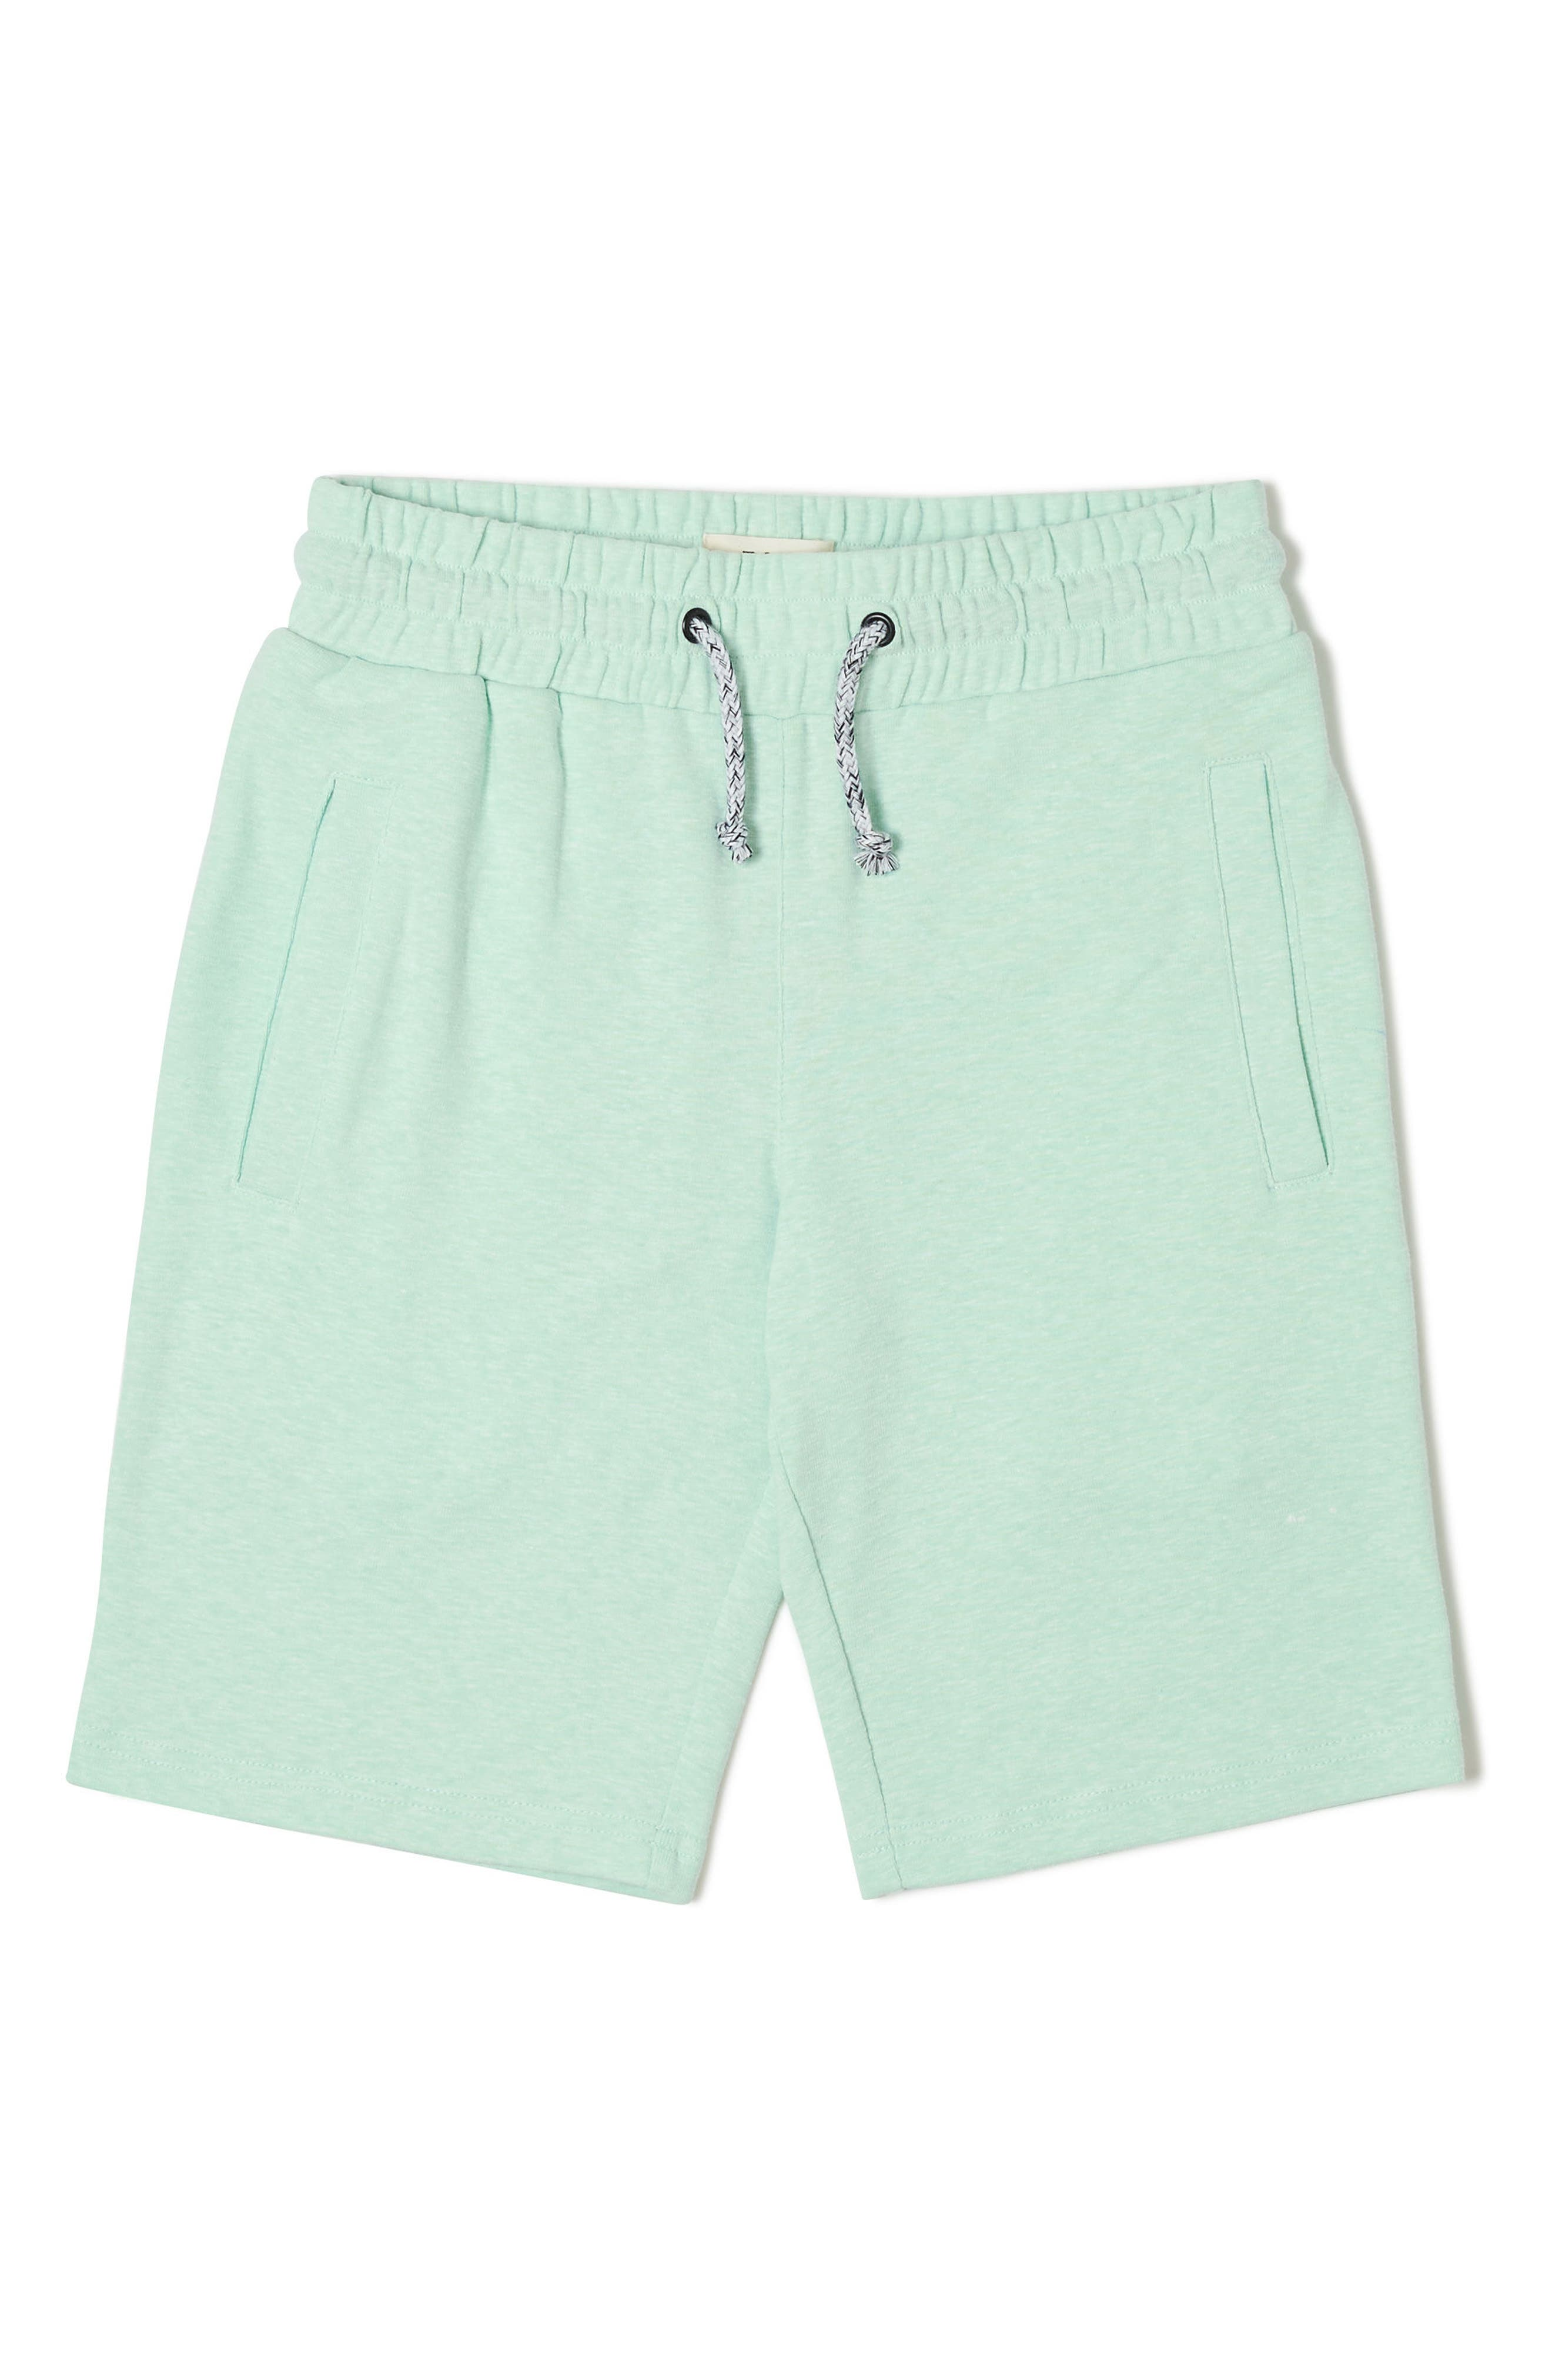 Ranger Knit Shorts,                         Main,                         color, 300